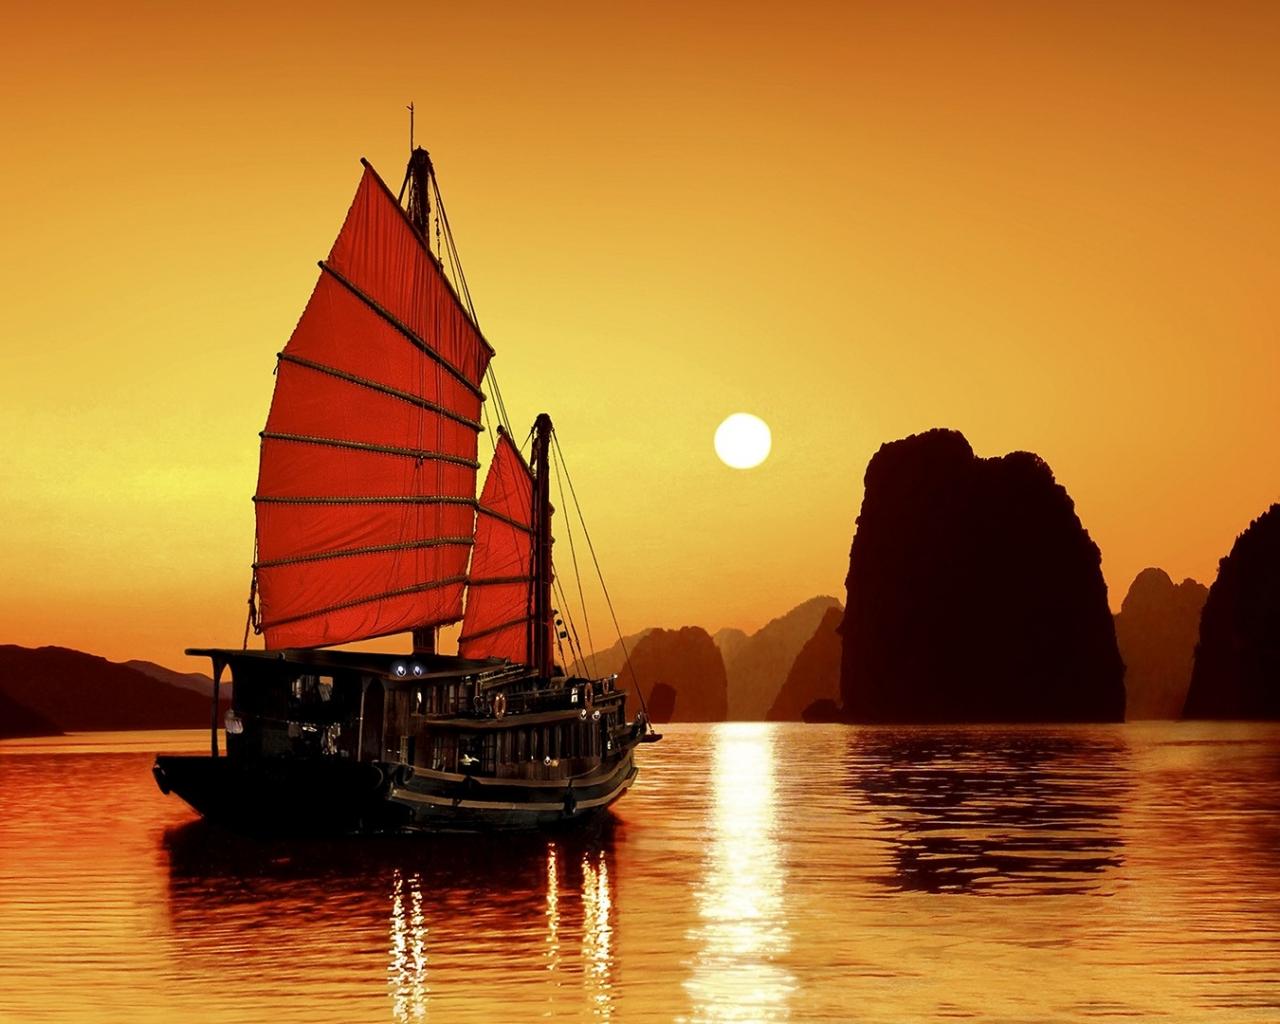 Un atardecer y un barco - 1280x1024